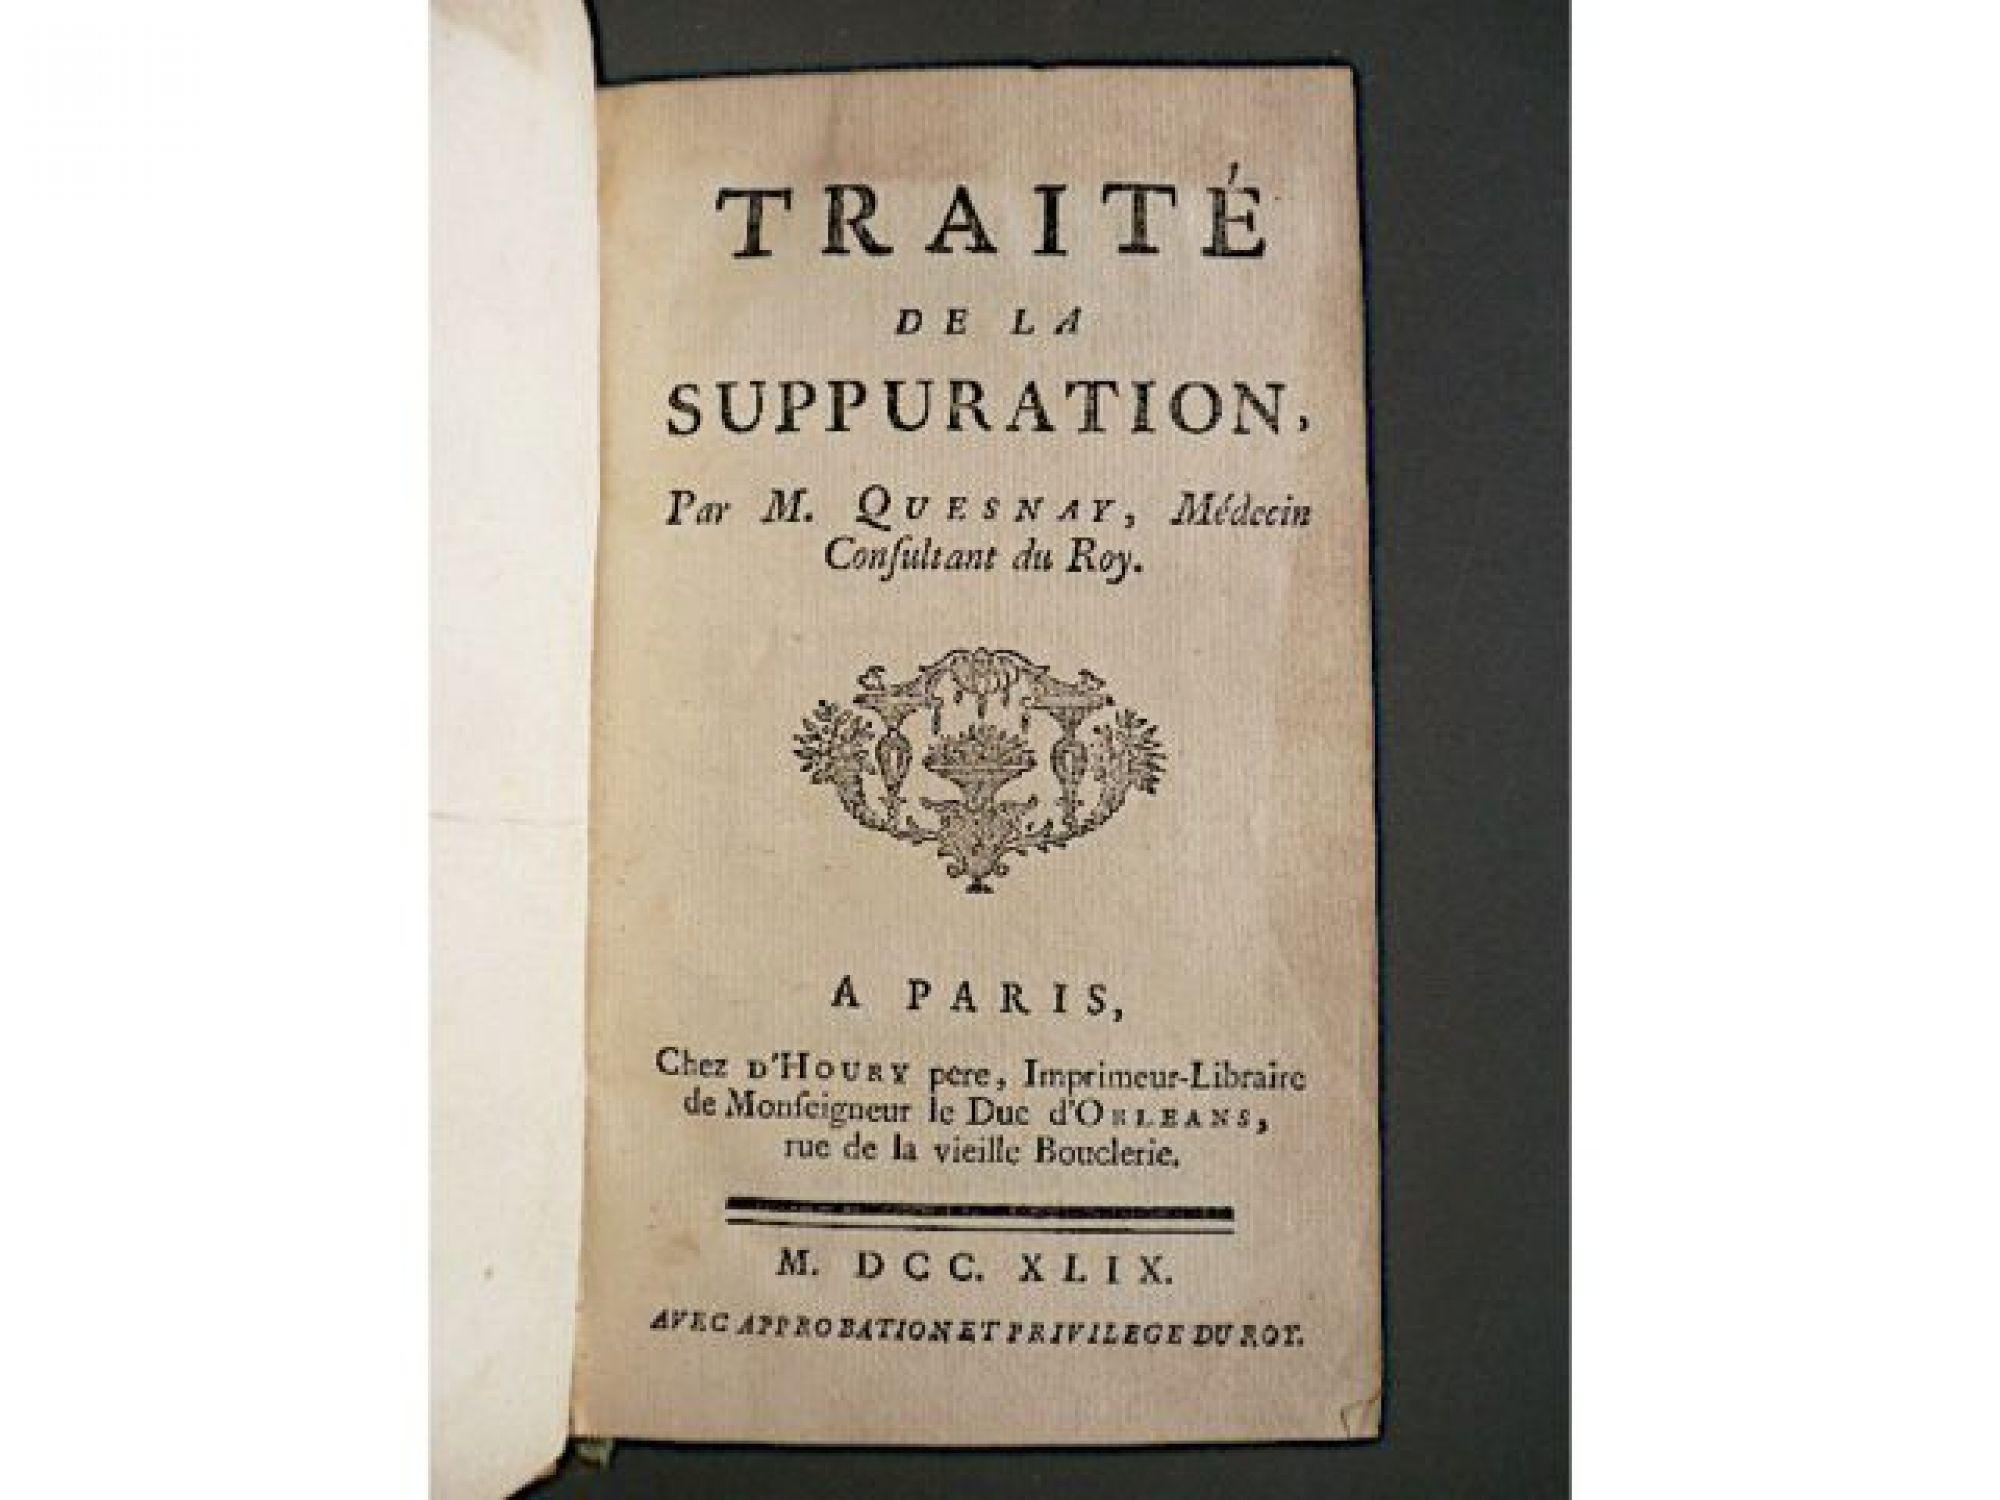 quesnay traité de la suppuration first edition edition